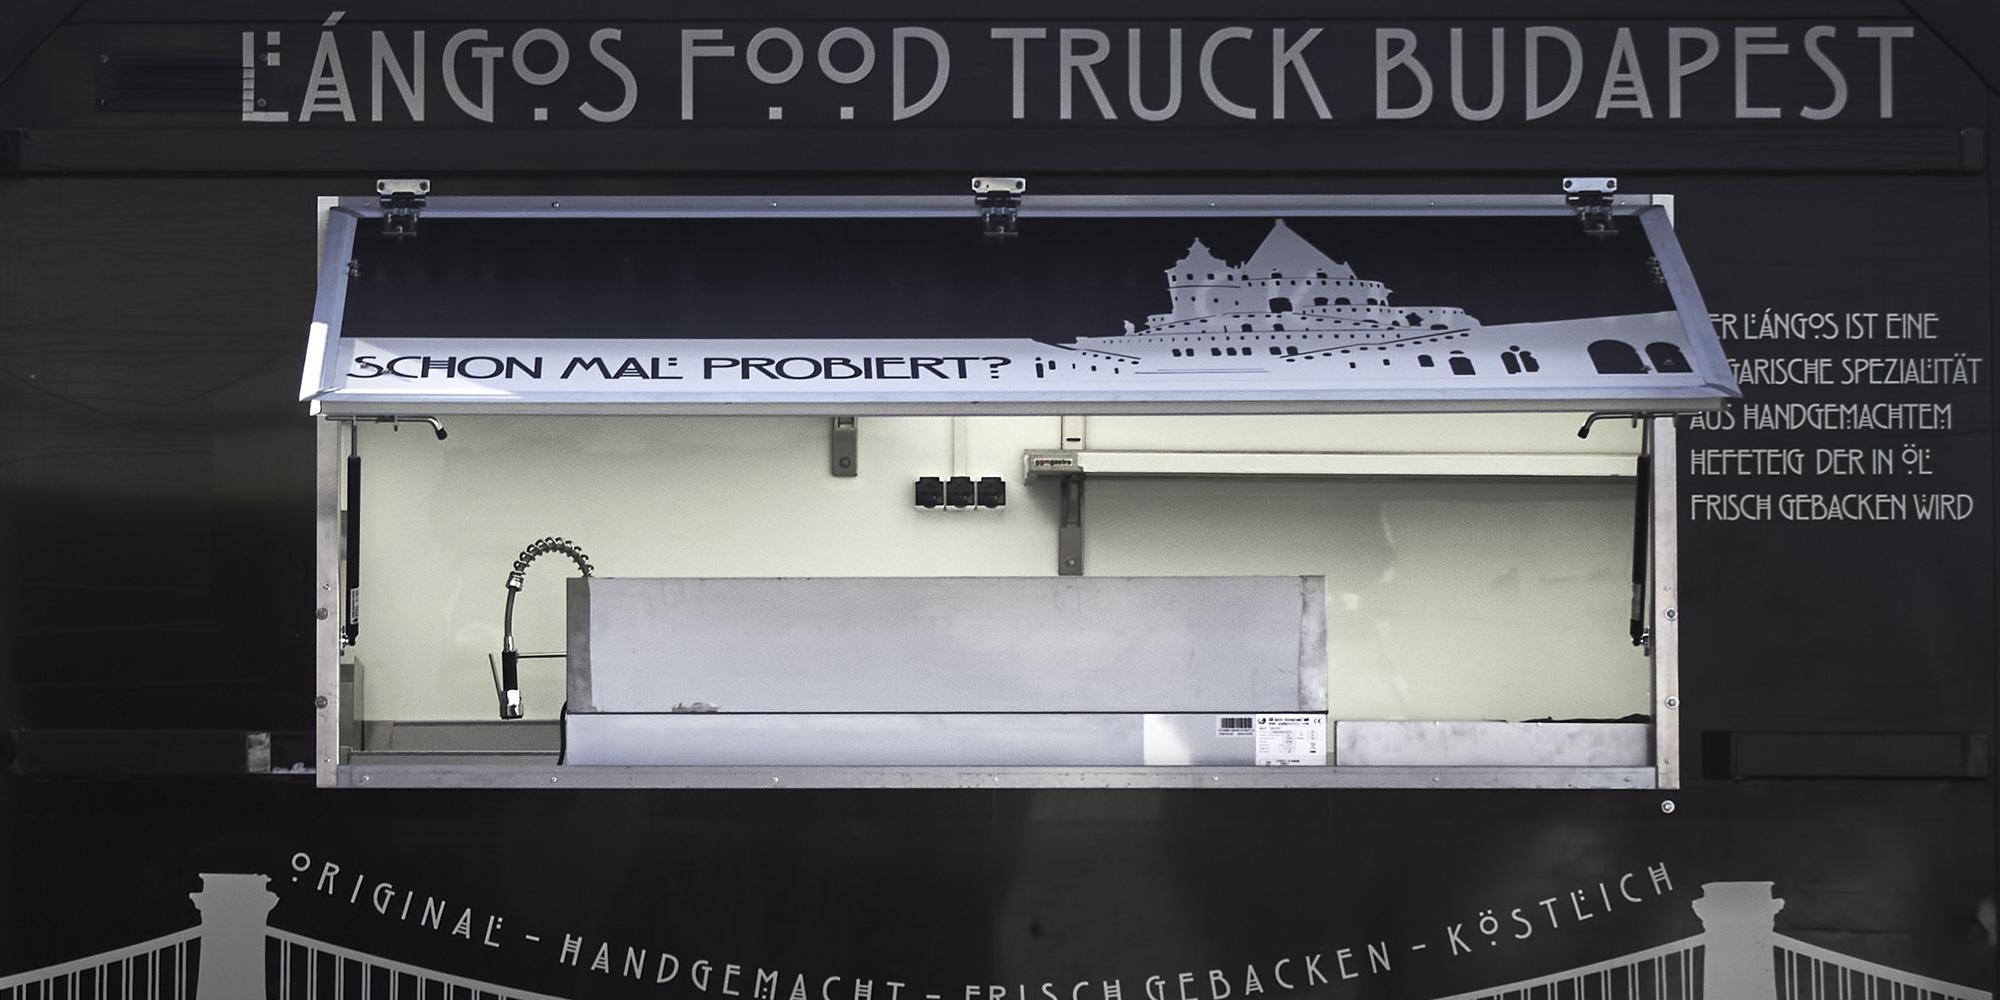 Food truck ajtó